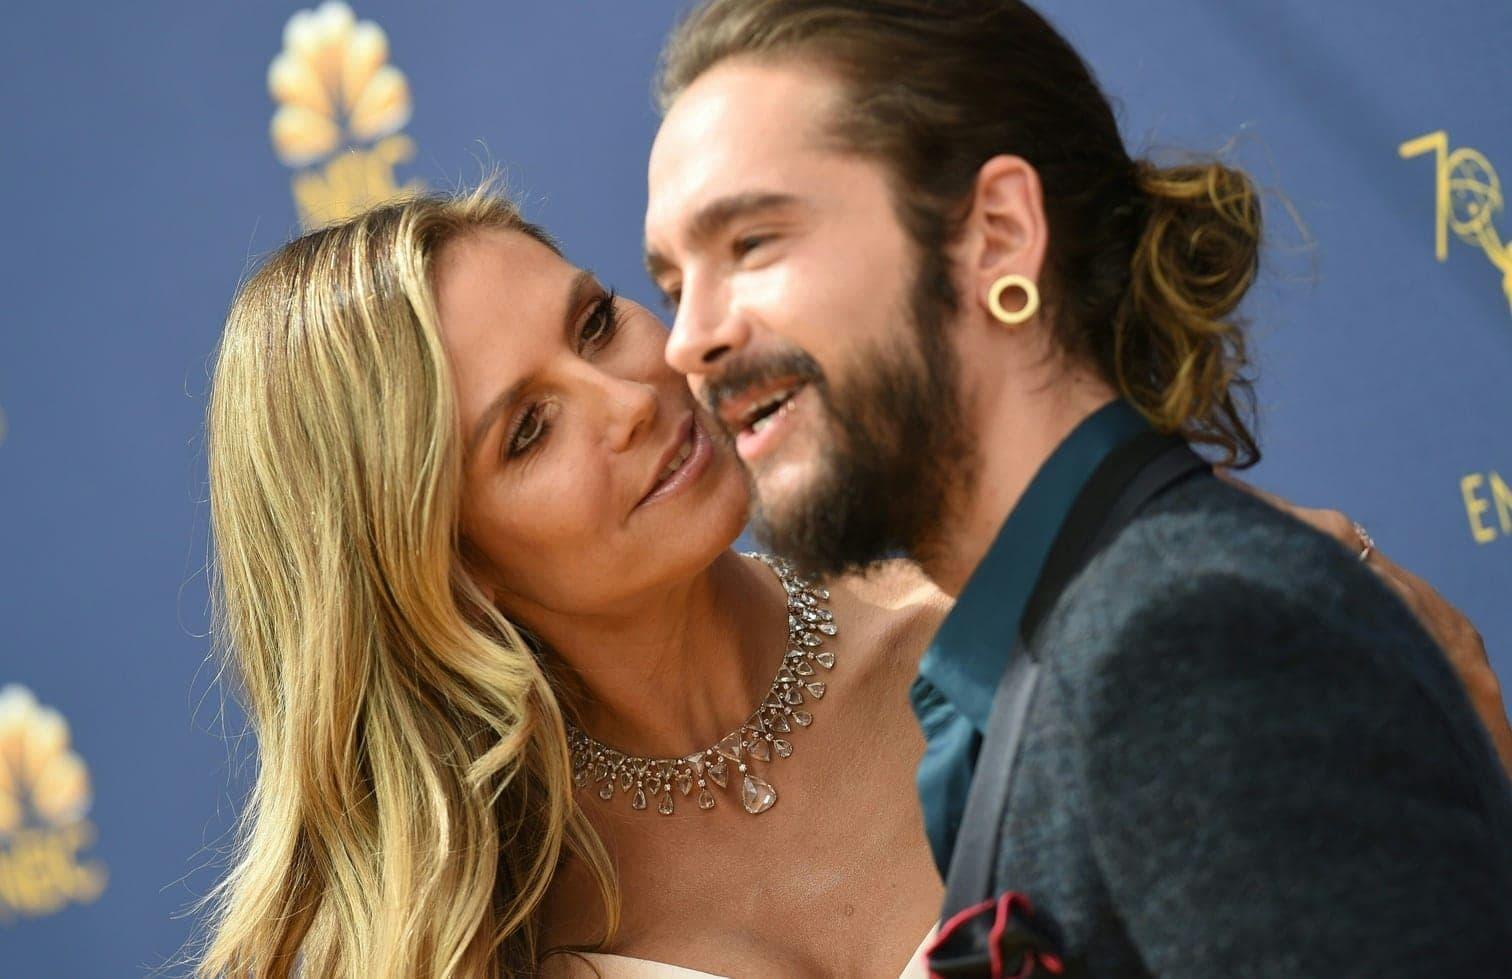 der das Paar küssend zeigt.</p> Foto: AFP